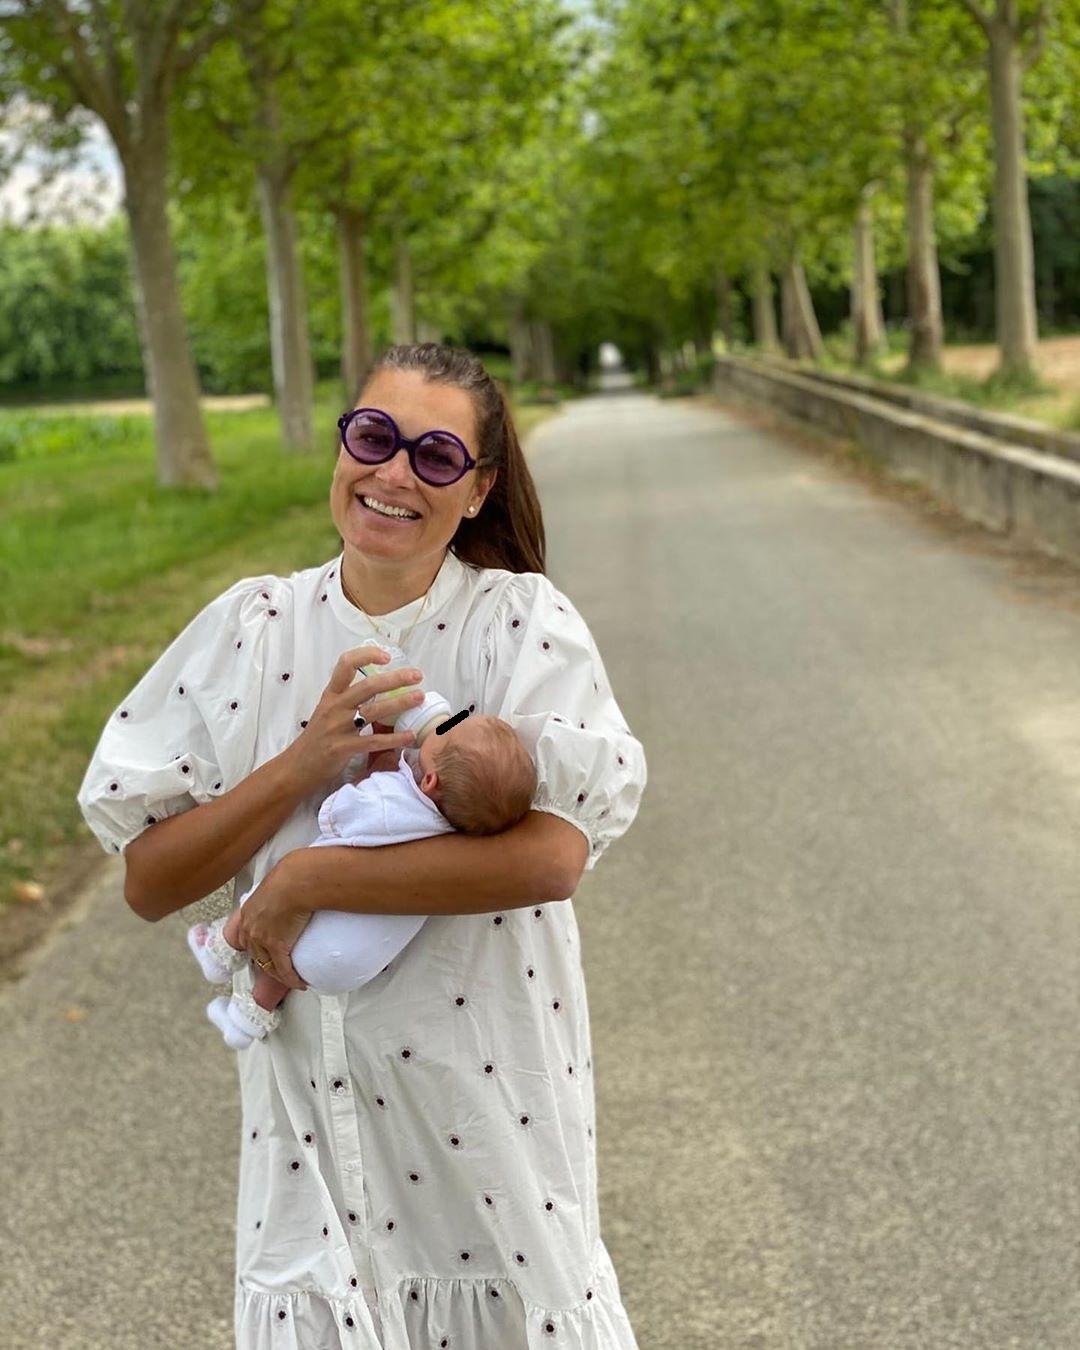 Šeredová vyrazila na víkend k příbuzným: S princeznou Vivi vyrazila do přírody!